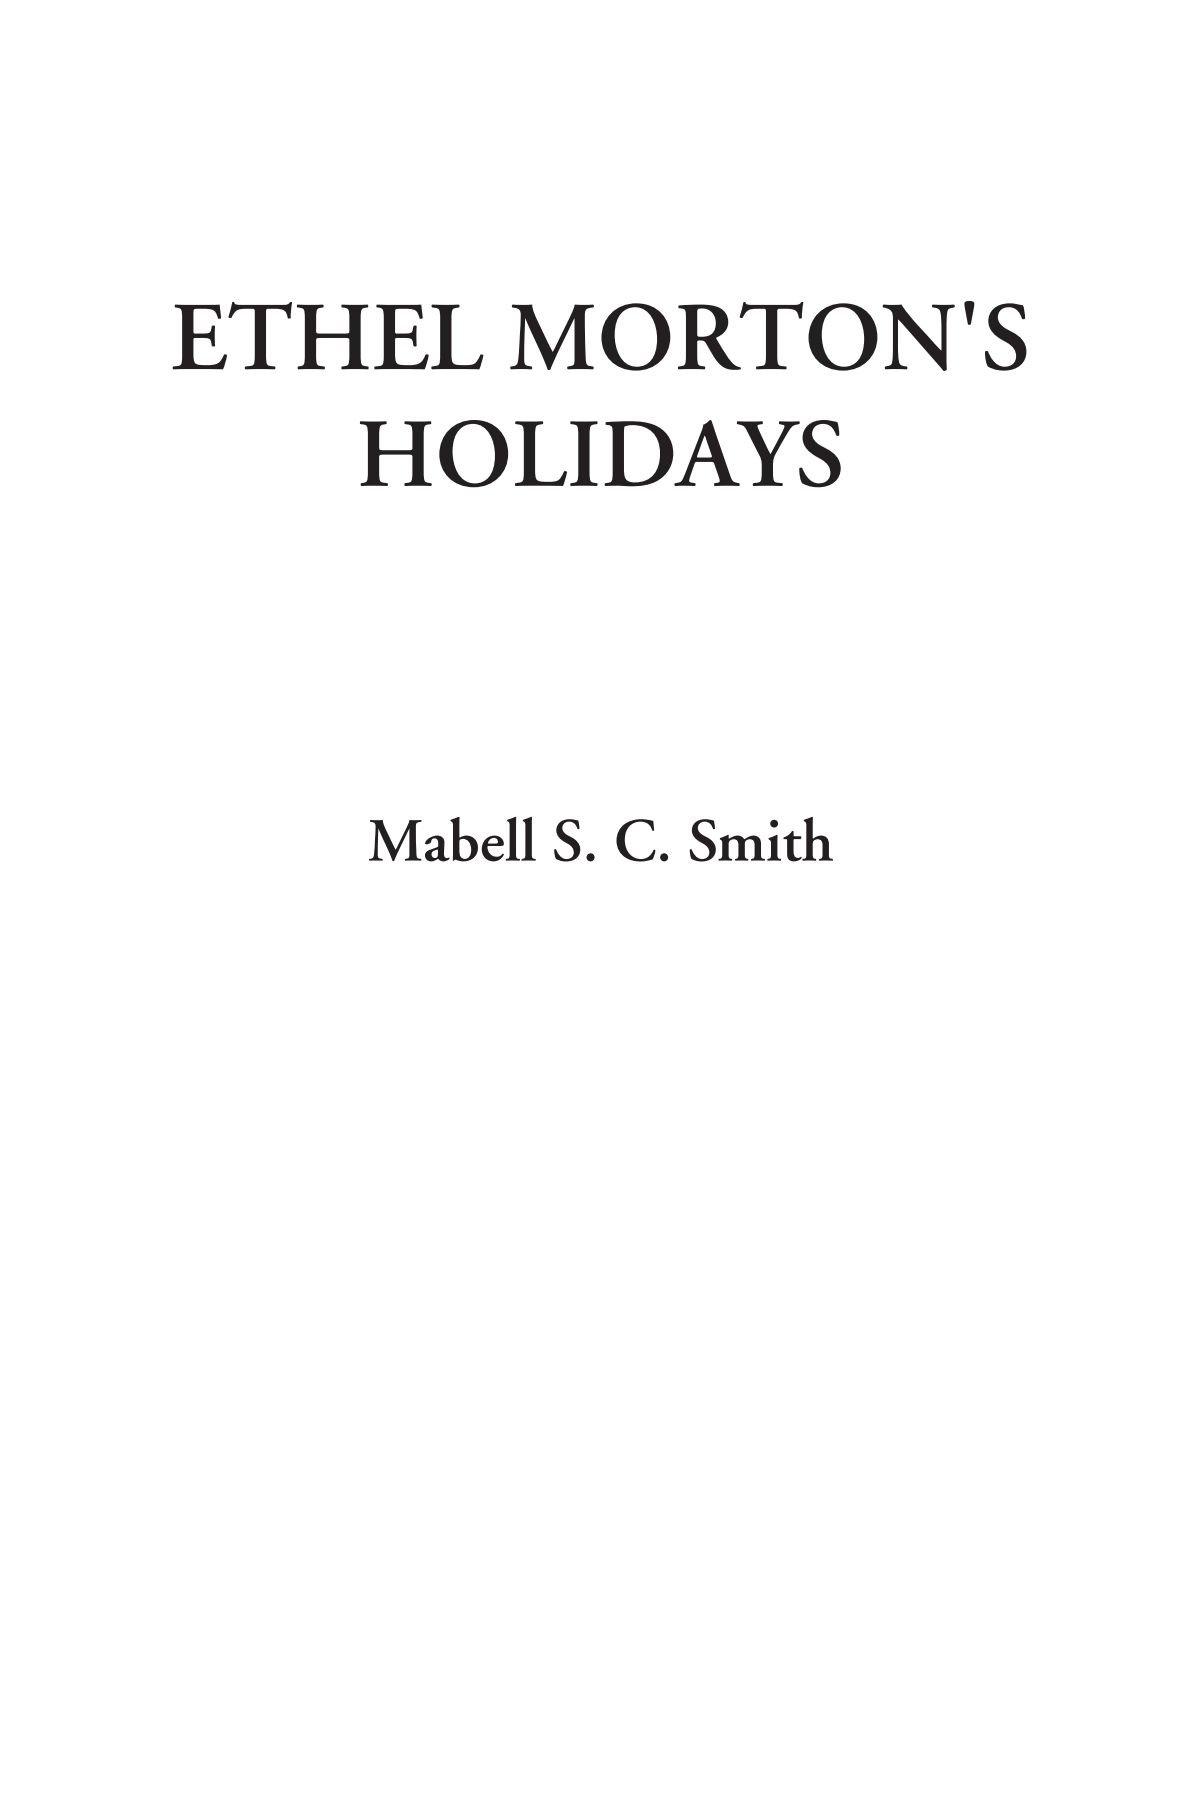 Read Online Ethel Morton's Holidays ebook